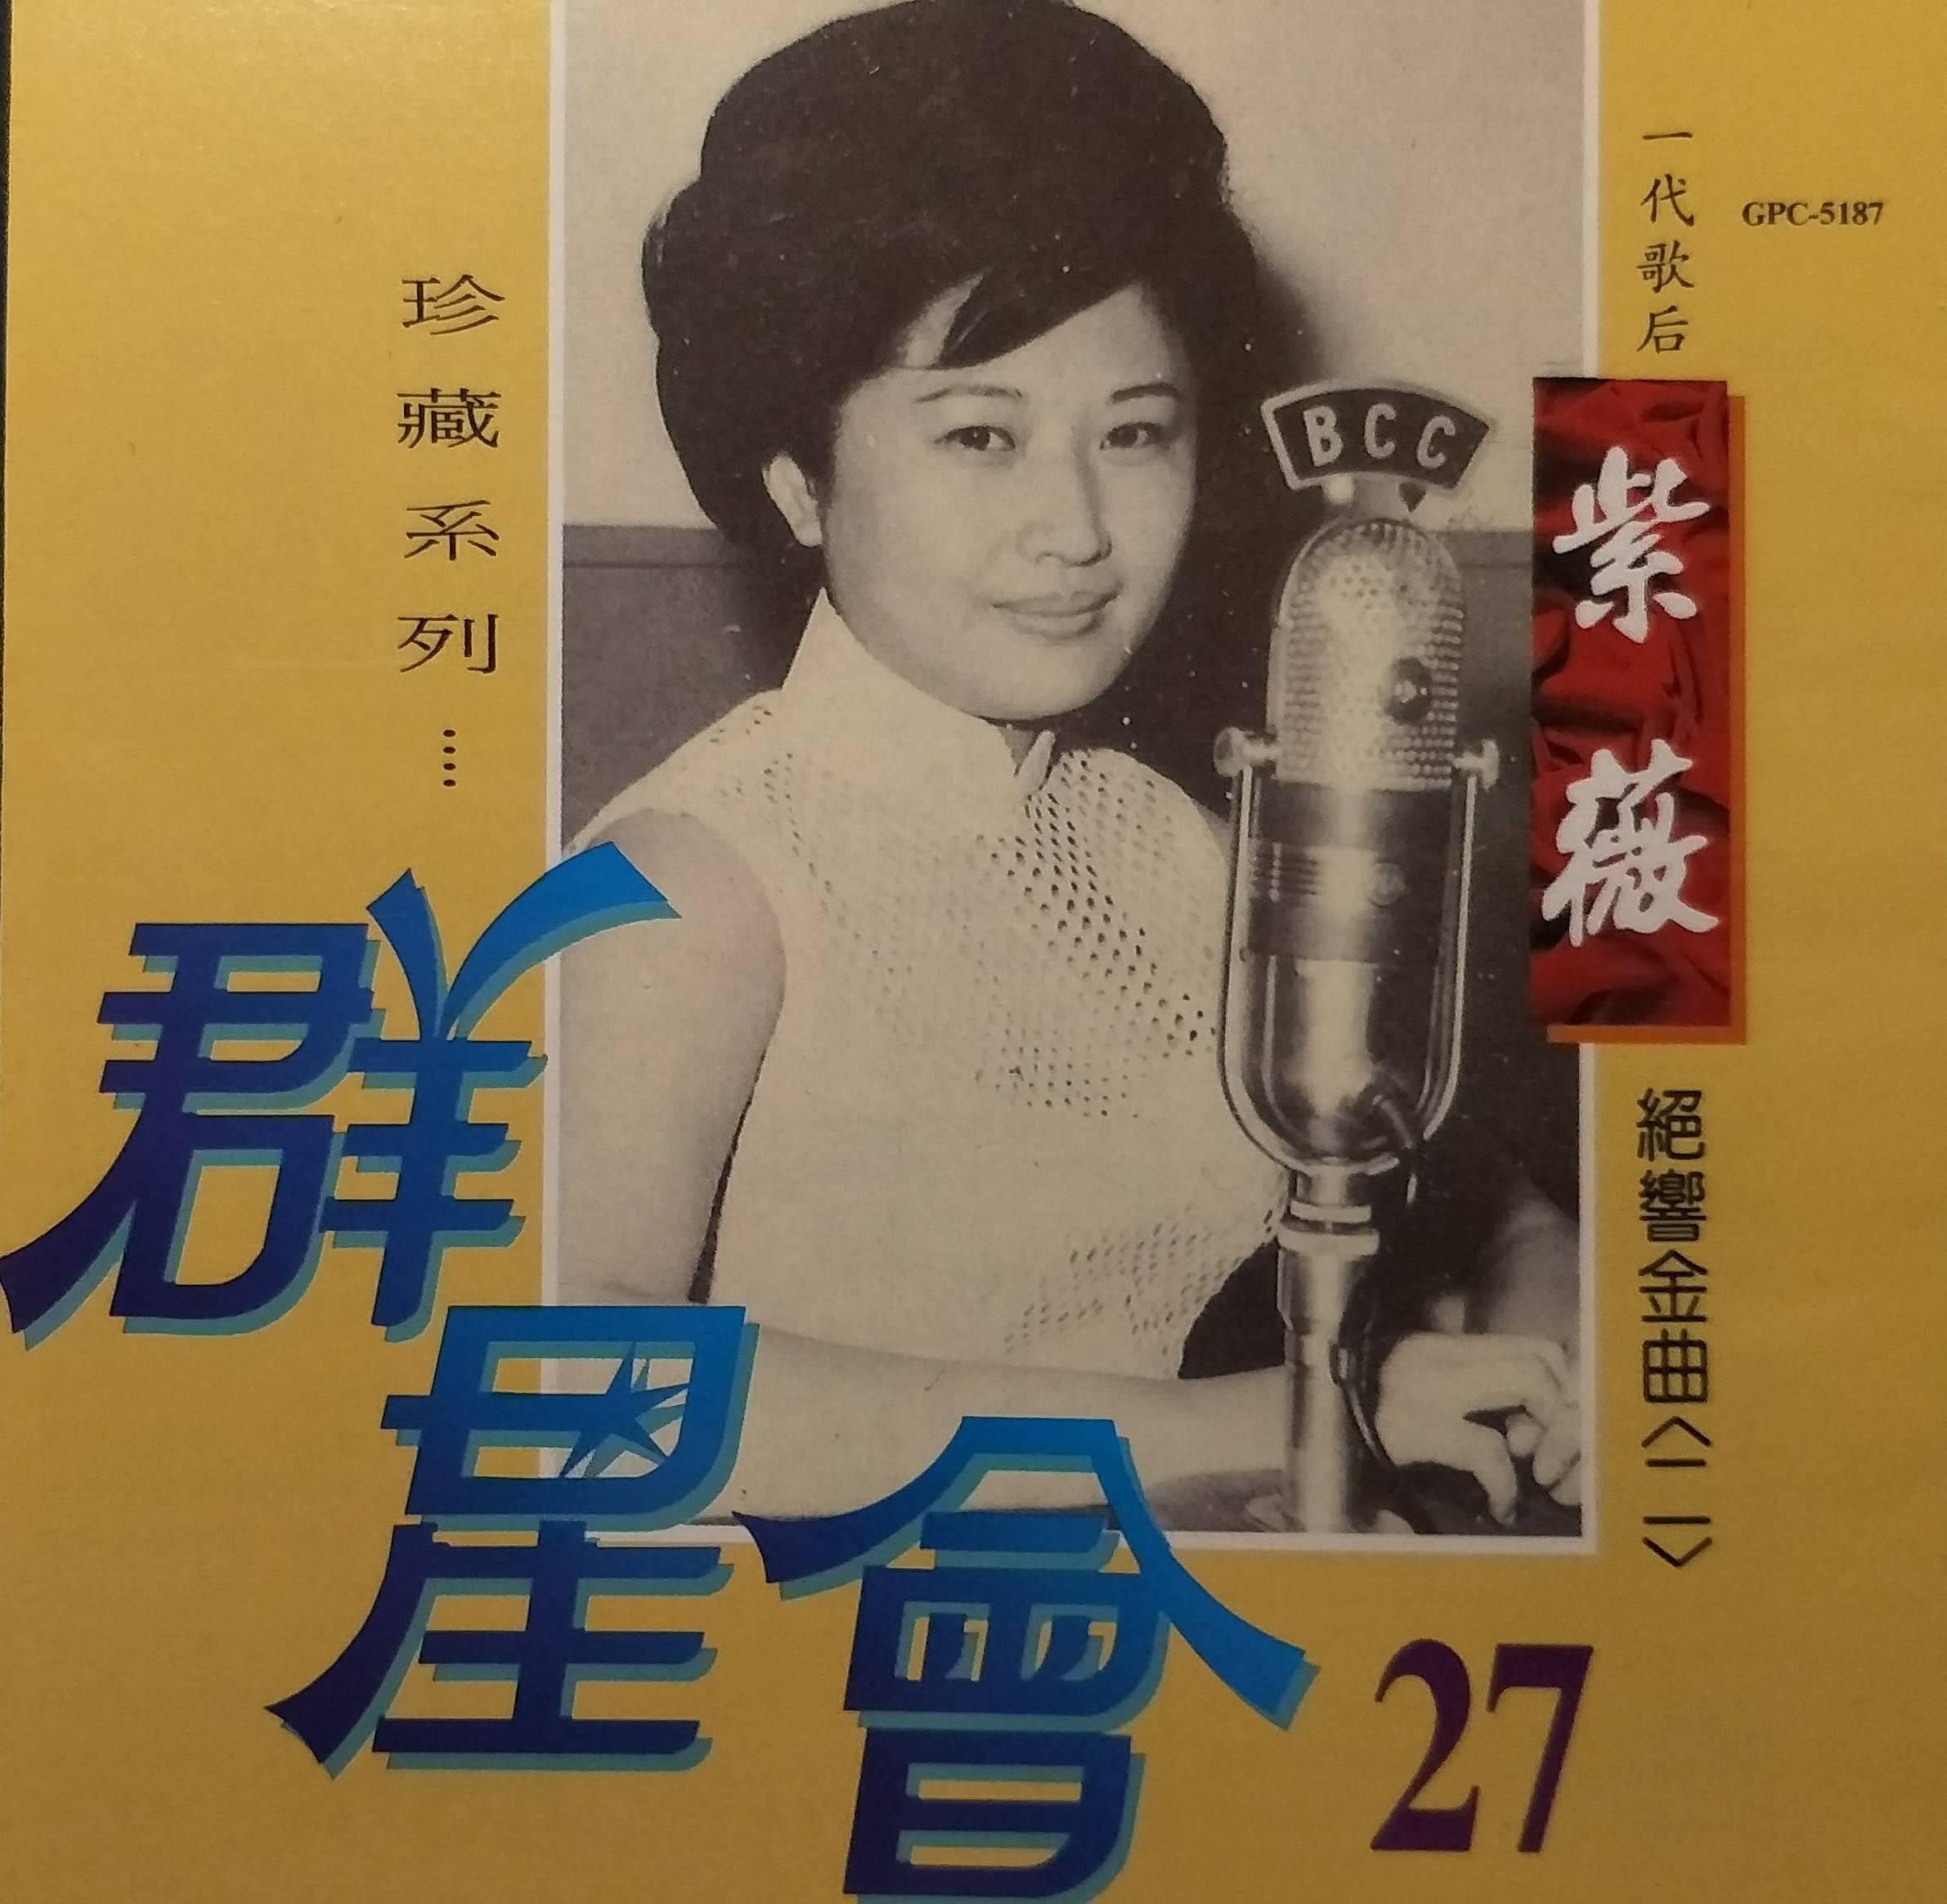 紫薇 - 群星會27   金企鵝唱片